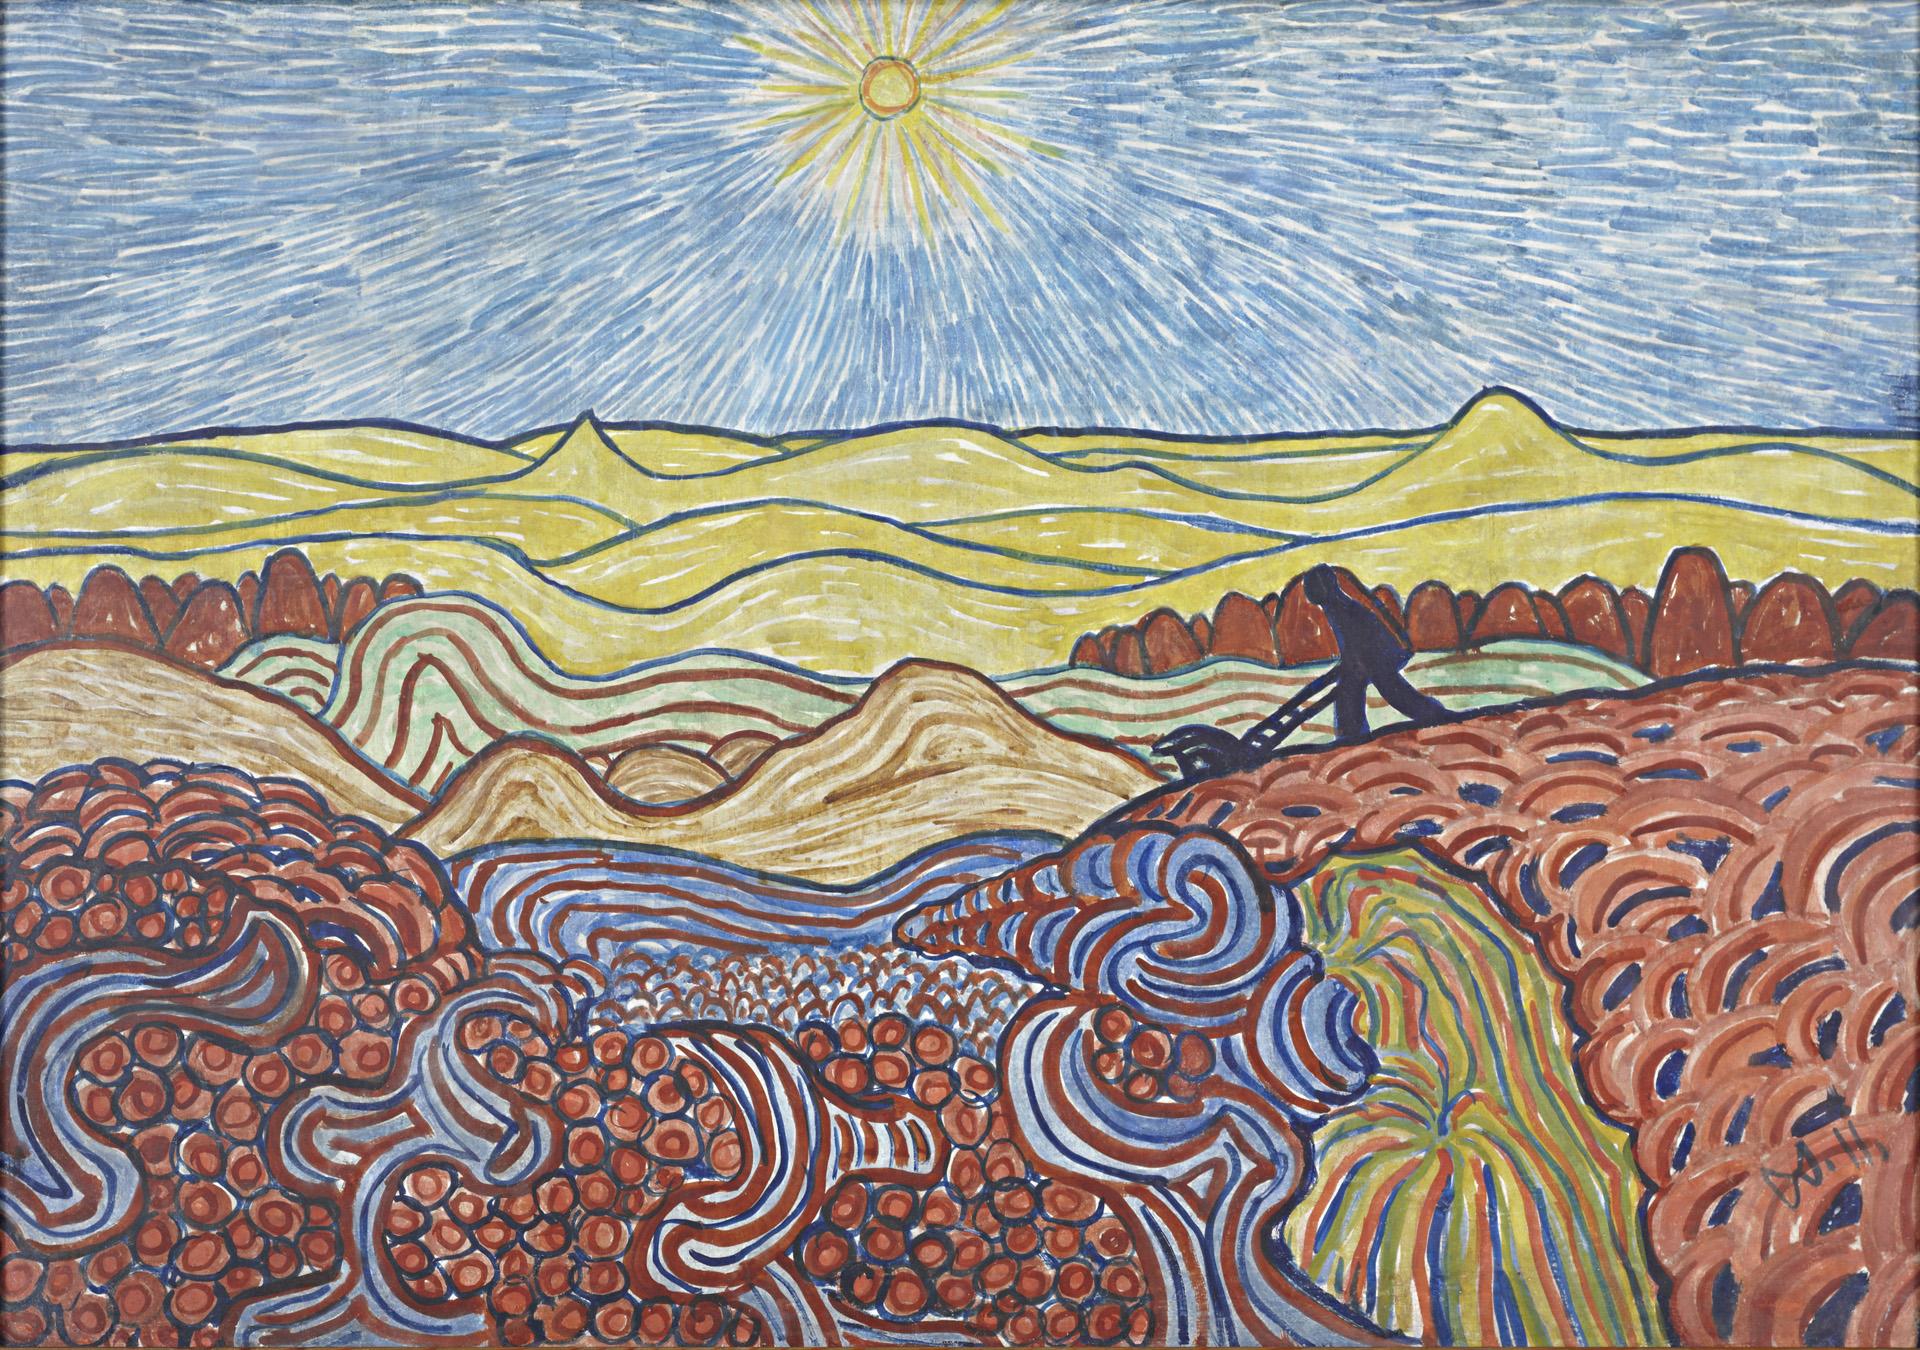 Wilhelm Morgner, Mann mit blauer Karre in Landschaft, 1911 Leimfarben auf Pappe, 82 x 120 cm Kunstmuseum Wilhelm-Morgner-Haus, Soest Foto: Thomas Drebusch